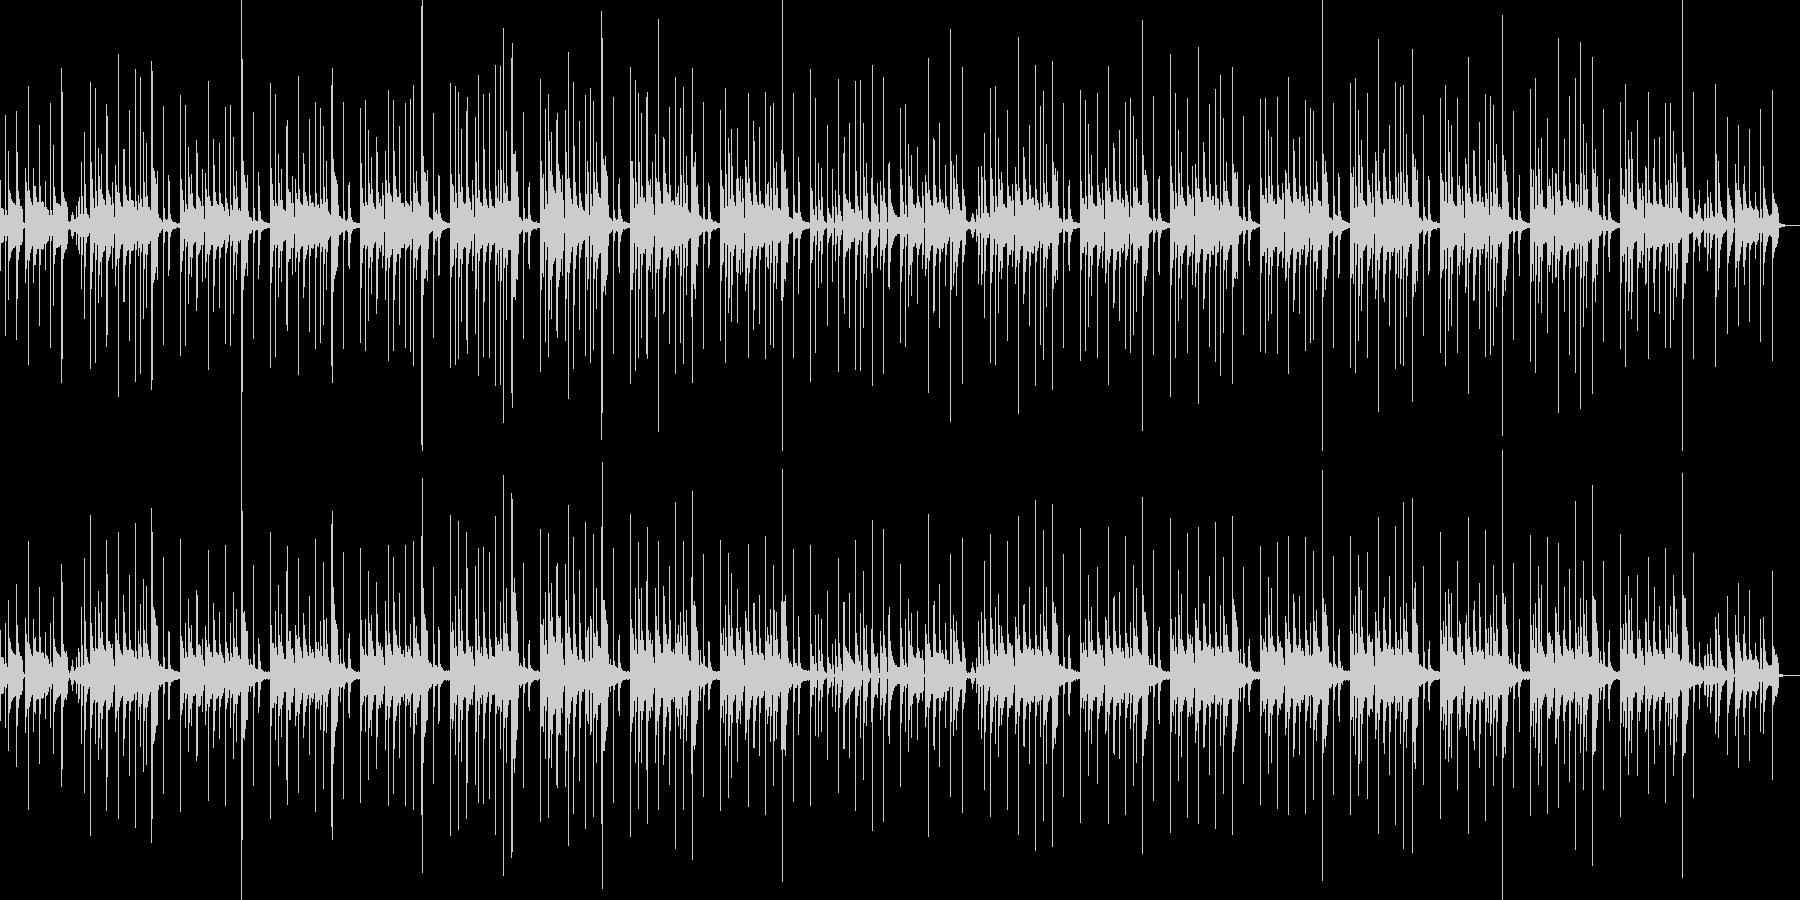 シンキングタイム ループ仕様の未再生の波形